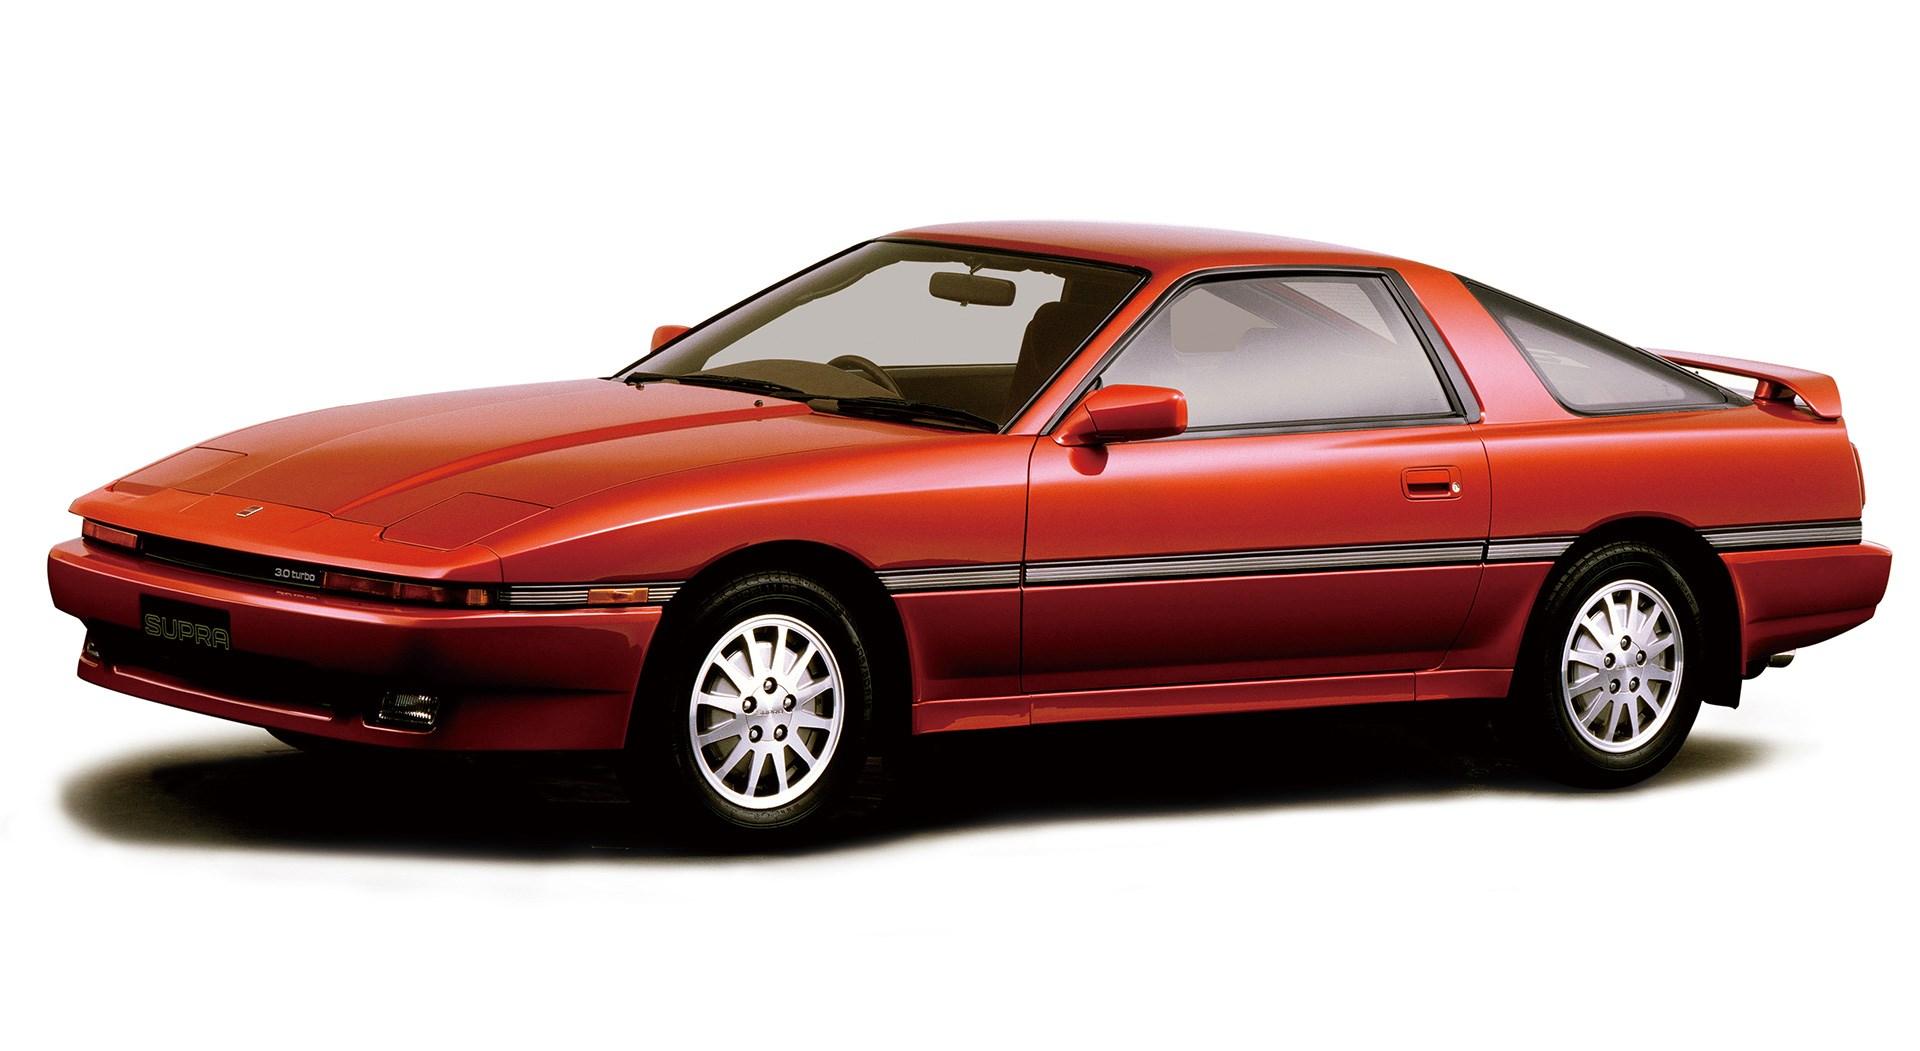 トヨタ、A70&A80スープラの純正補給部品を再販売へ